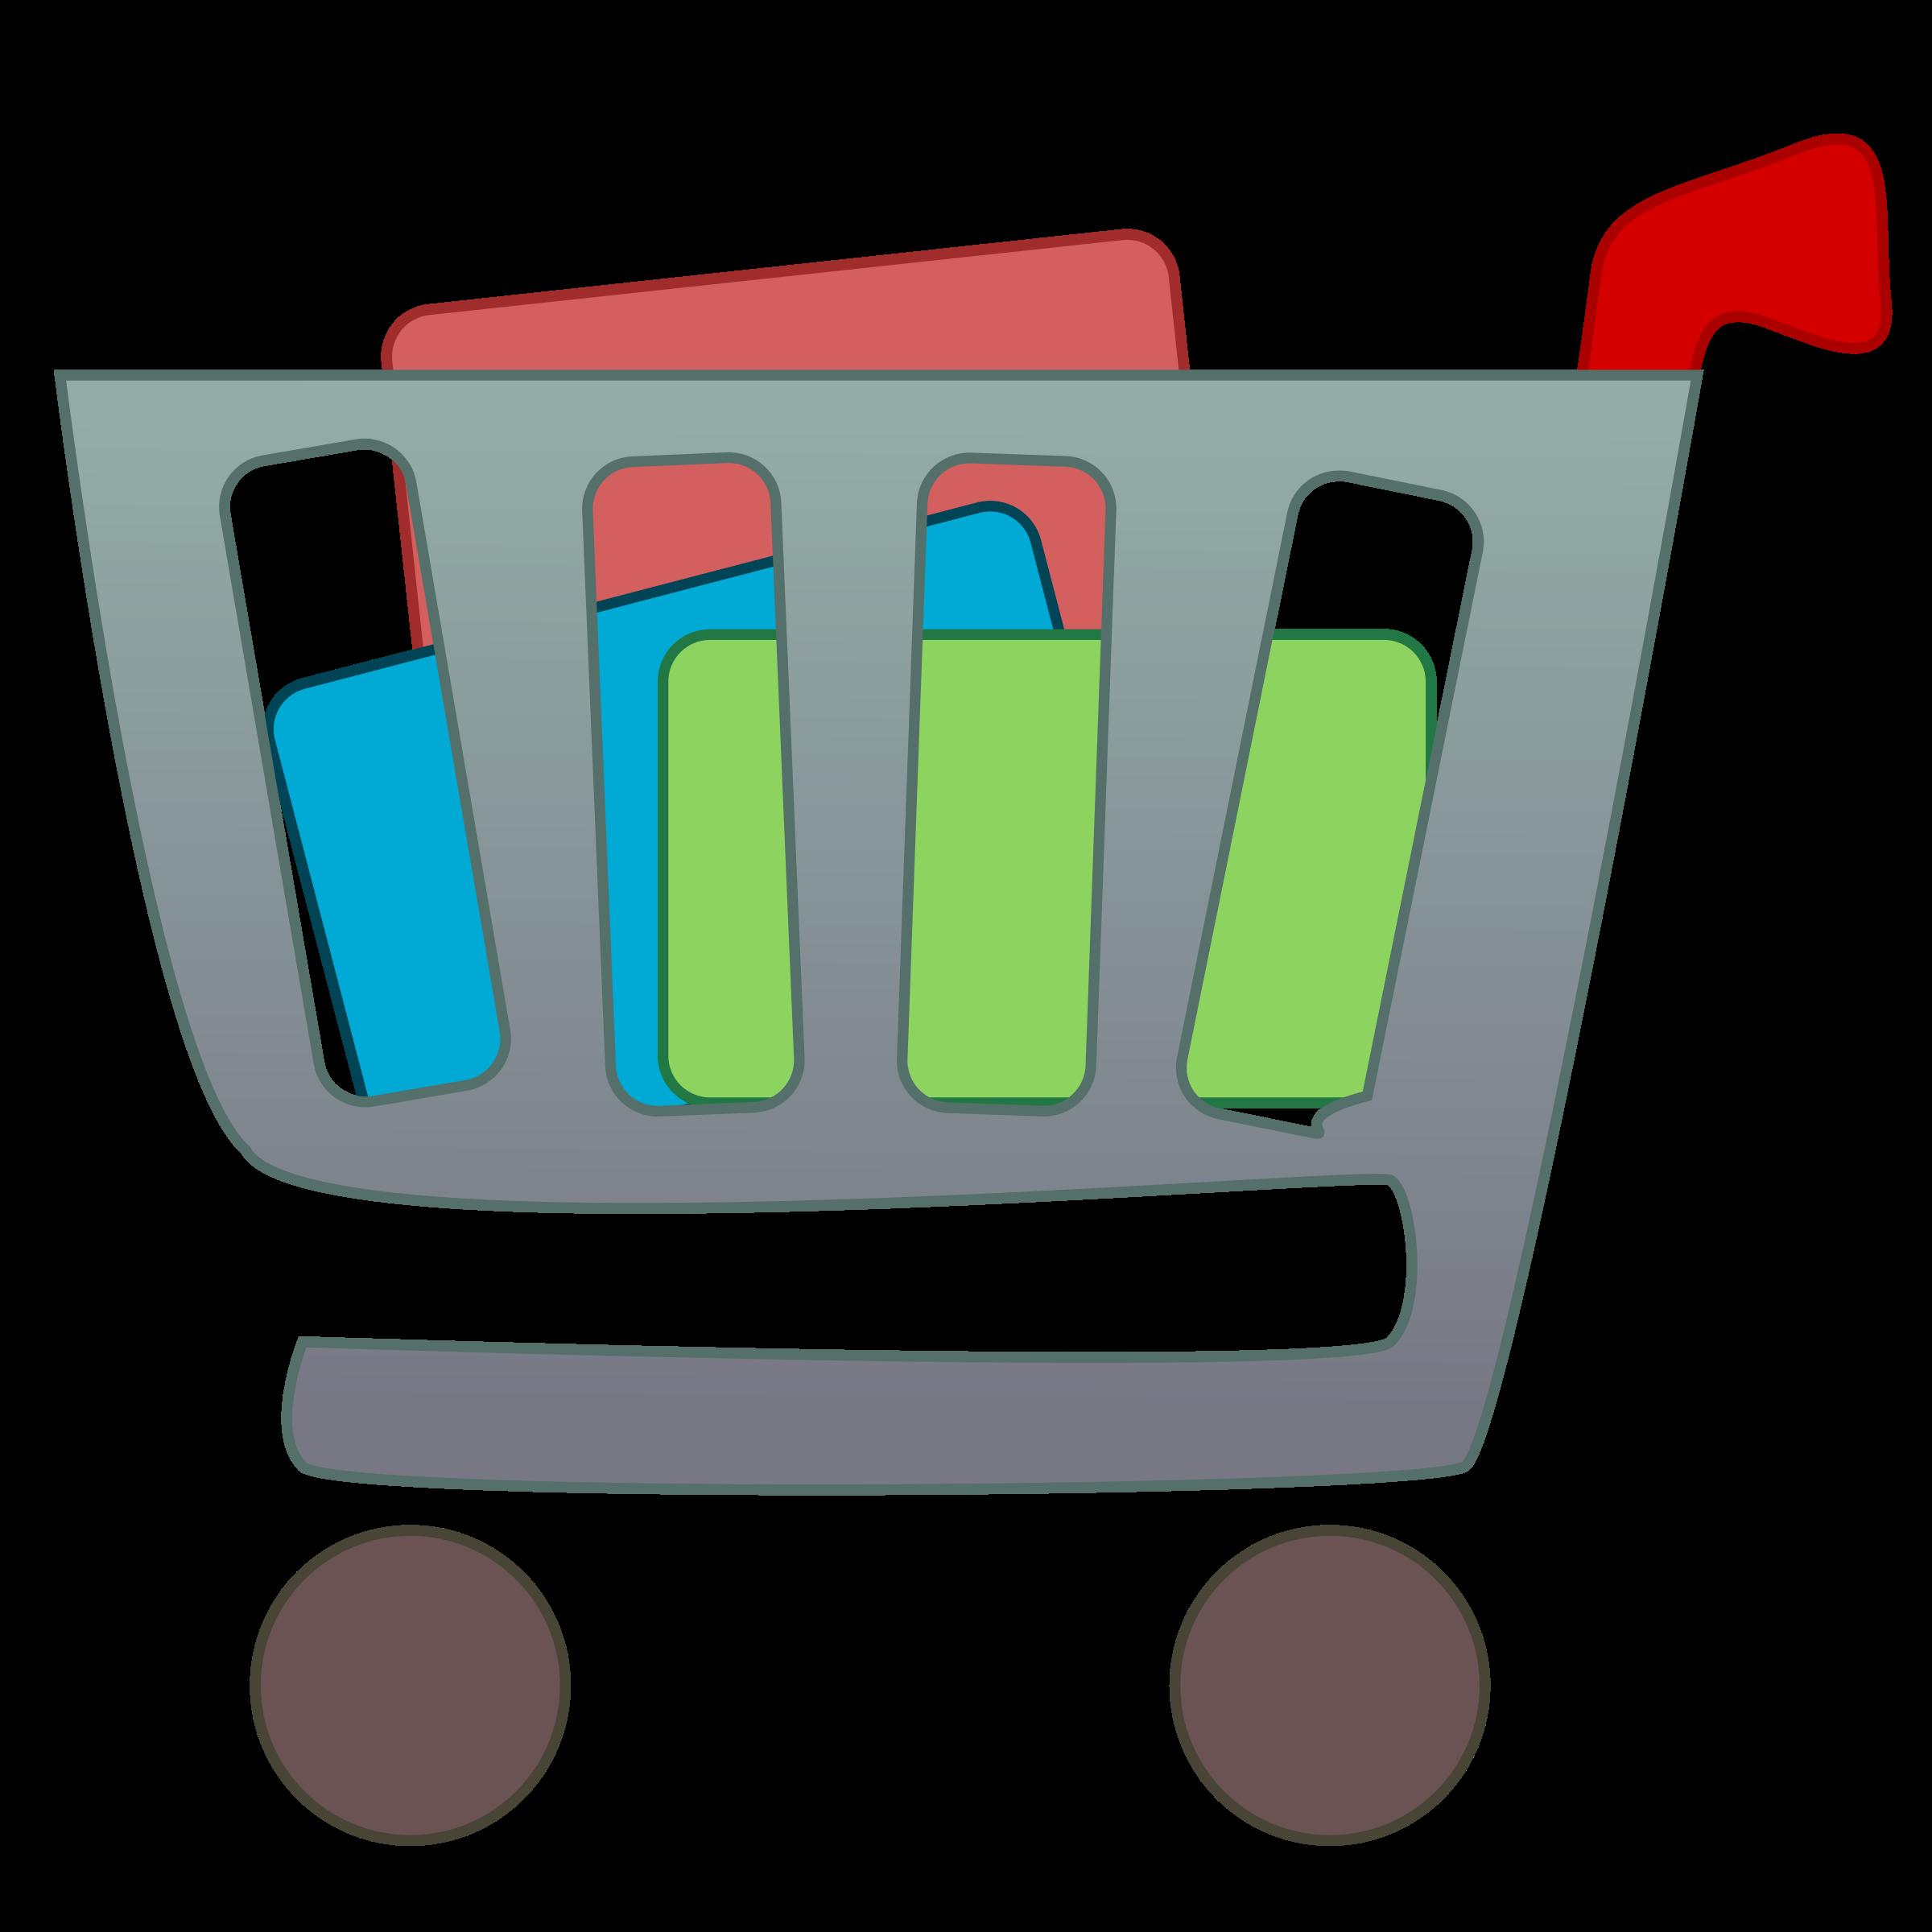 Clipart Shopping Cart